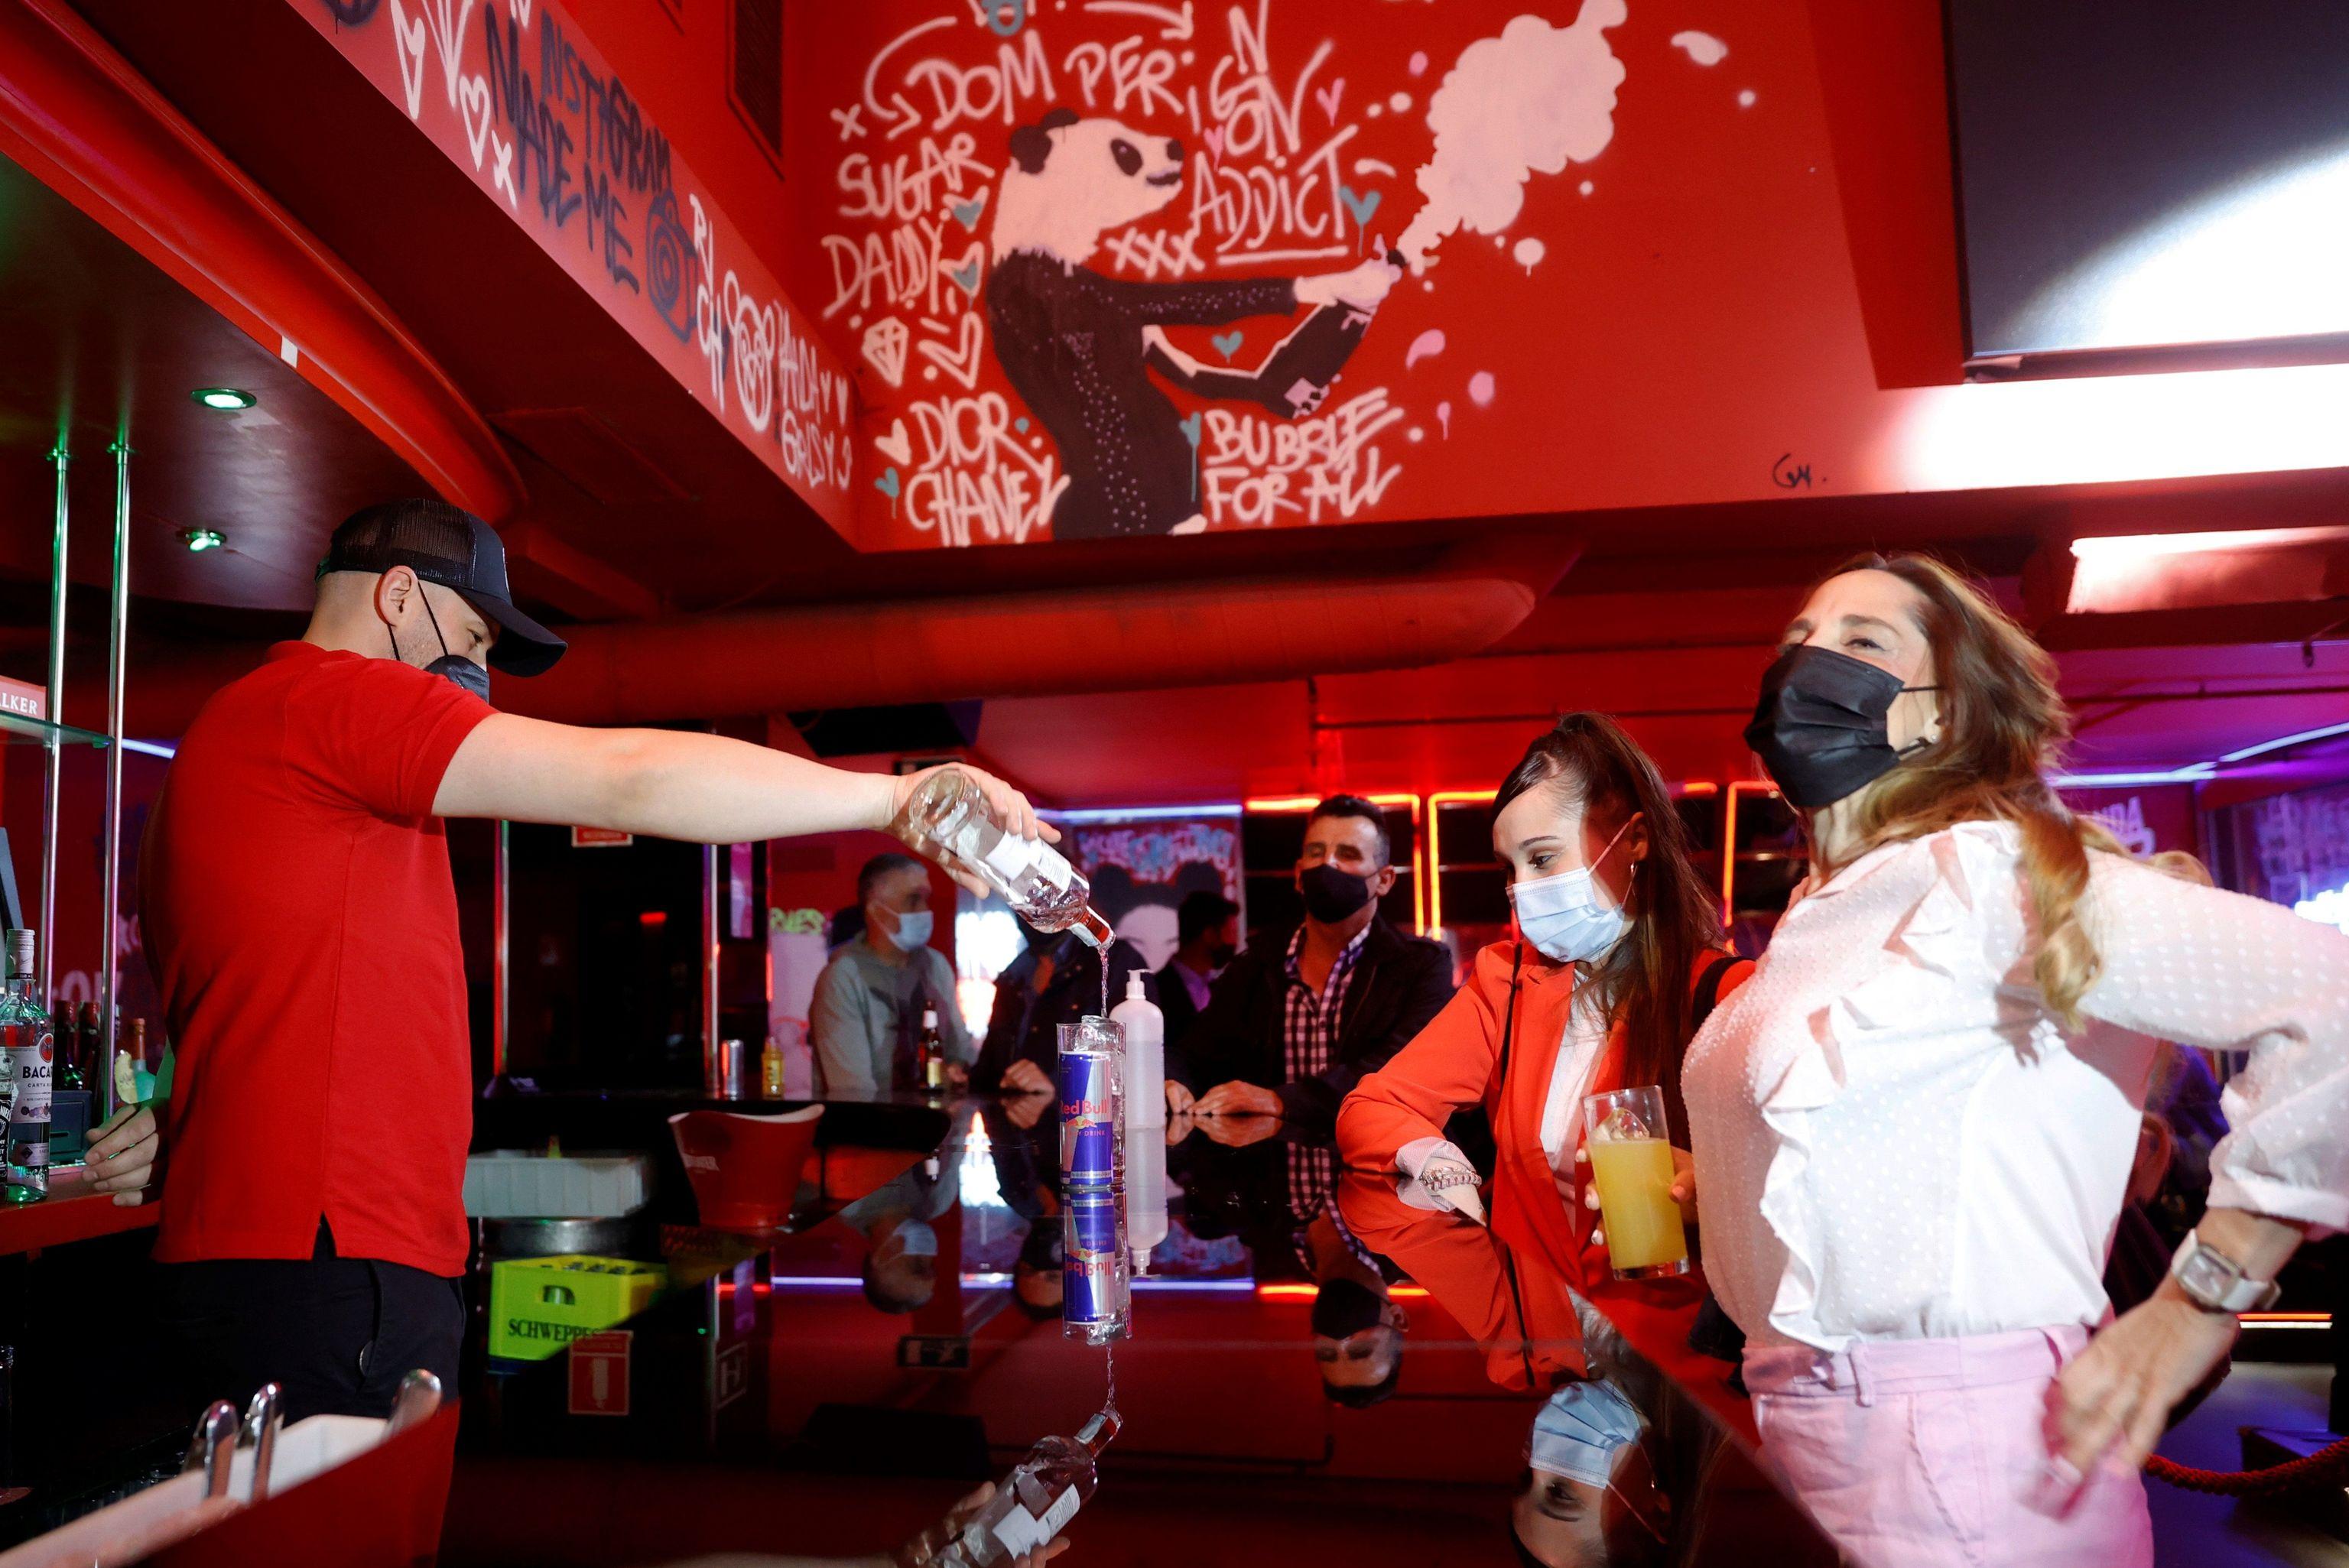 Un camarero sirve una bebida en el interior de una discoteca este lunes en Madrid